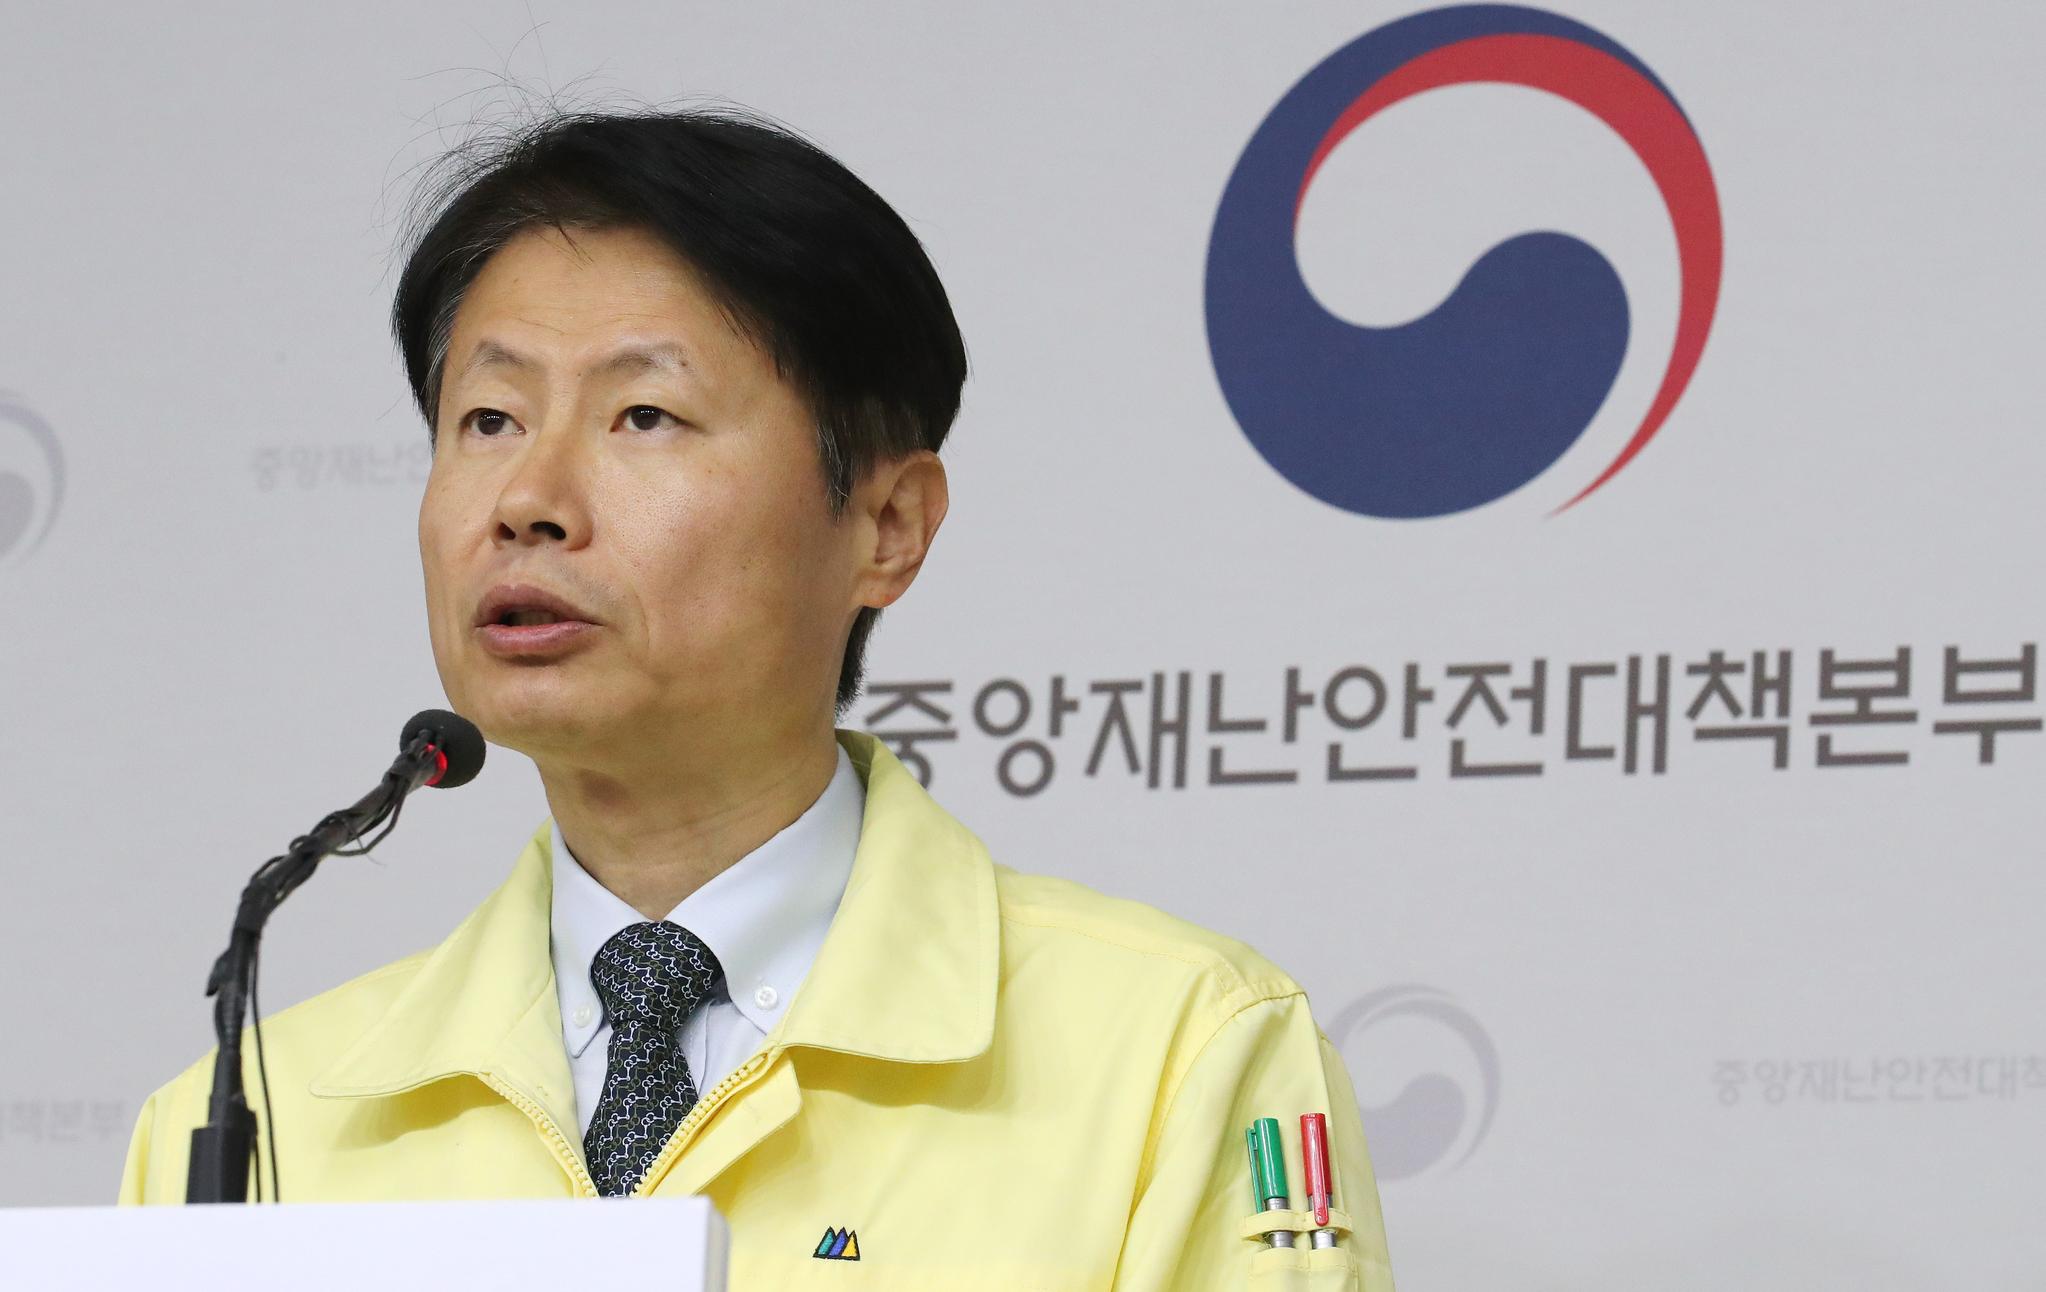 김강립 중앙재난안전대책본부 제1총괄조정관(보건복지부 차관). 연합뉴스